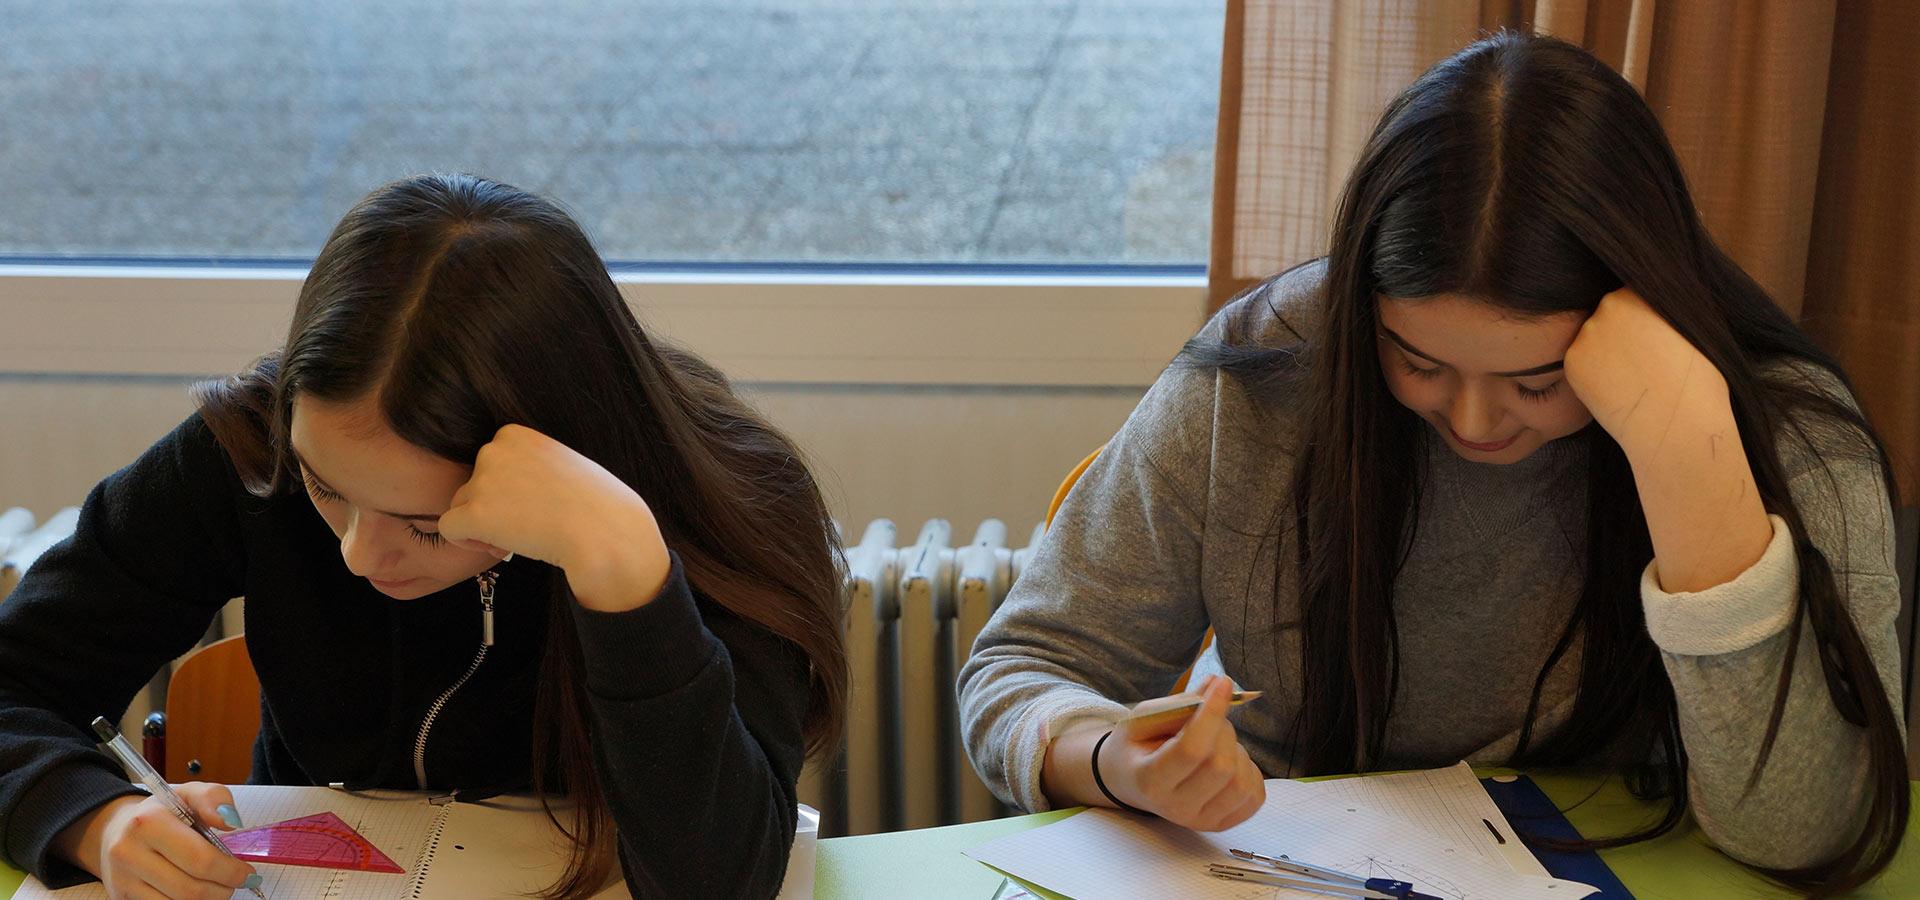 09-schillerschule-eislingen-gemeinschaft